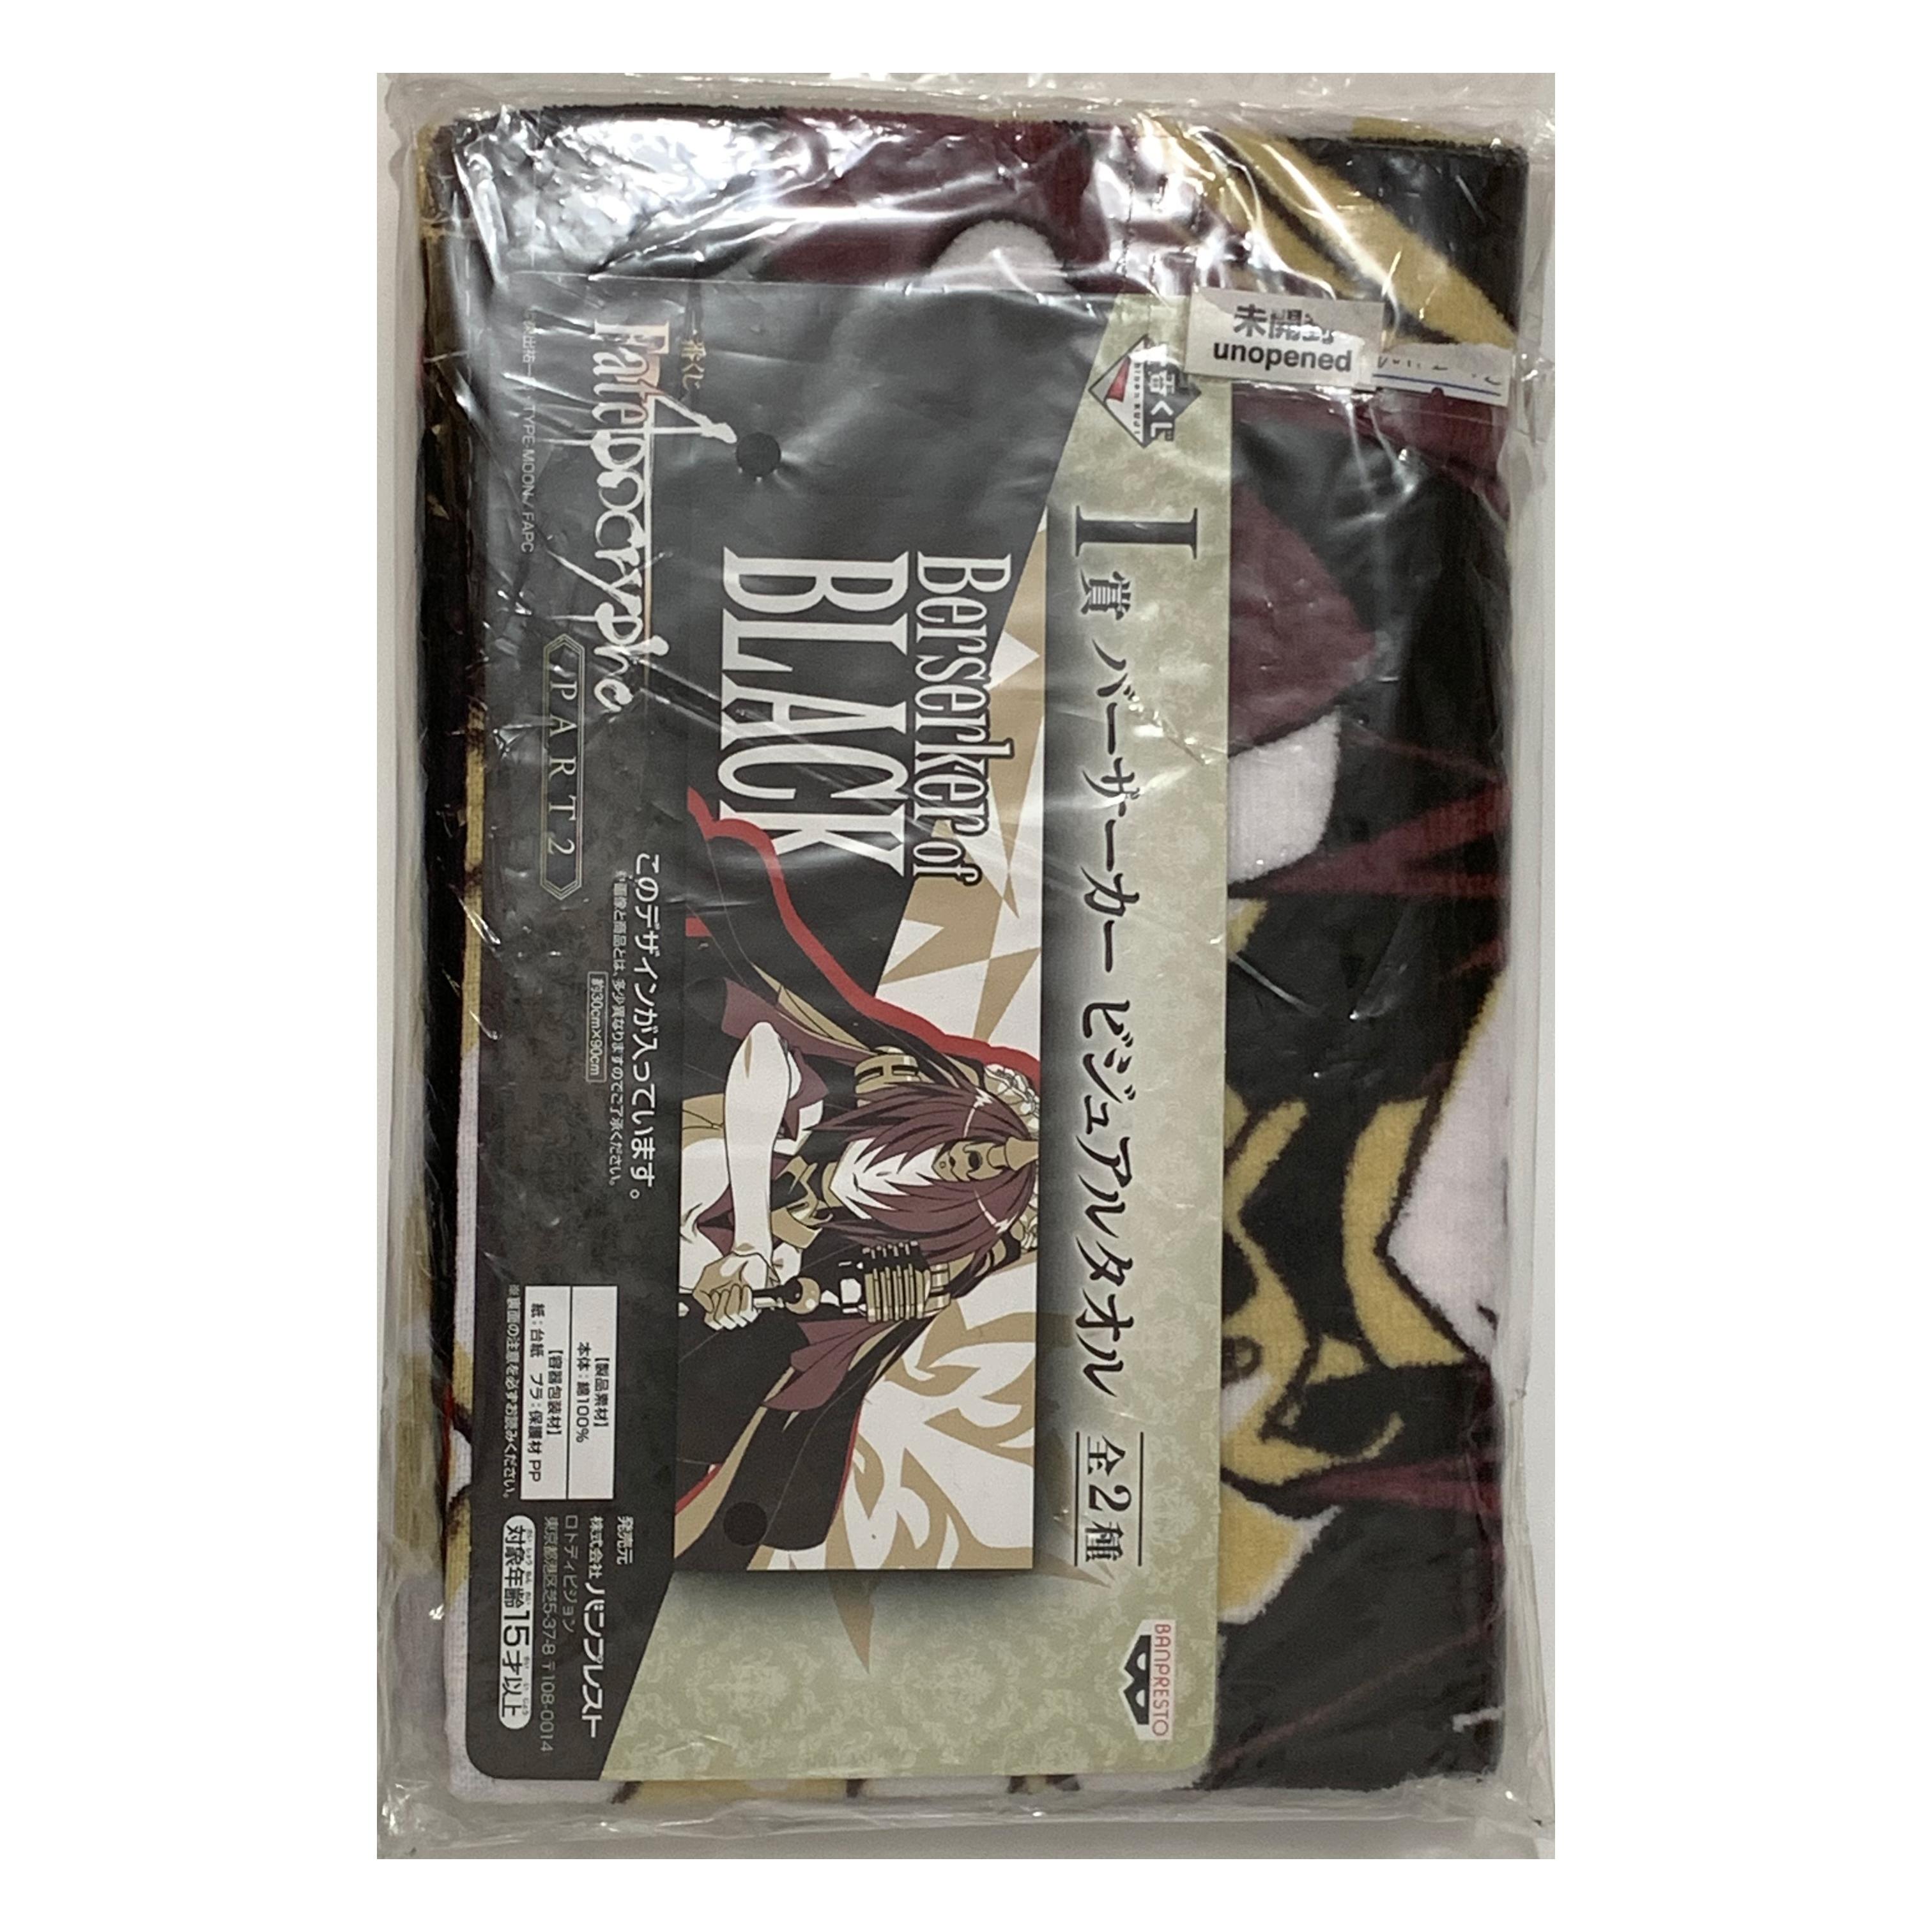 Banpresto Ichiban Kuji I Prize Fate Apocrypha Berserker of Black Frankenstein Bath Towel